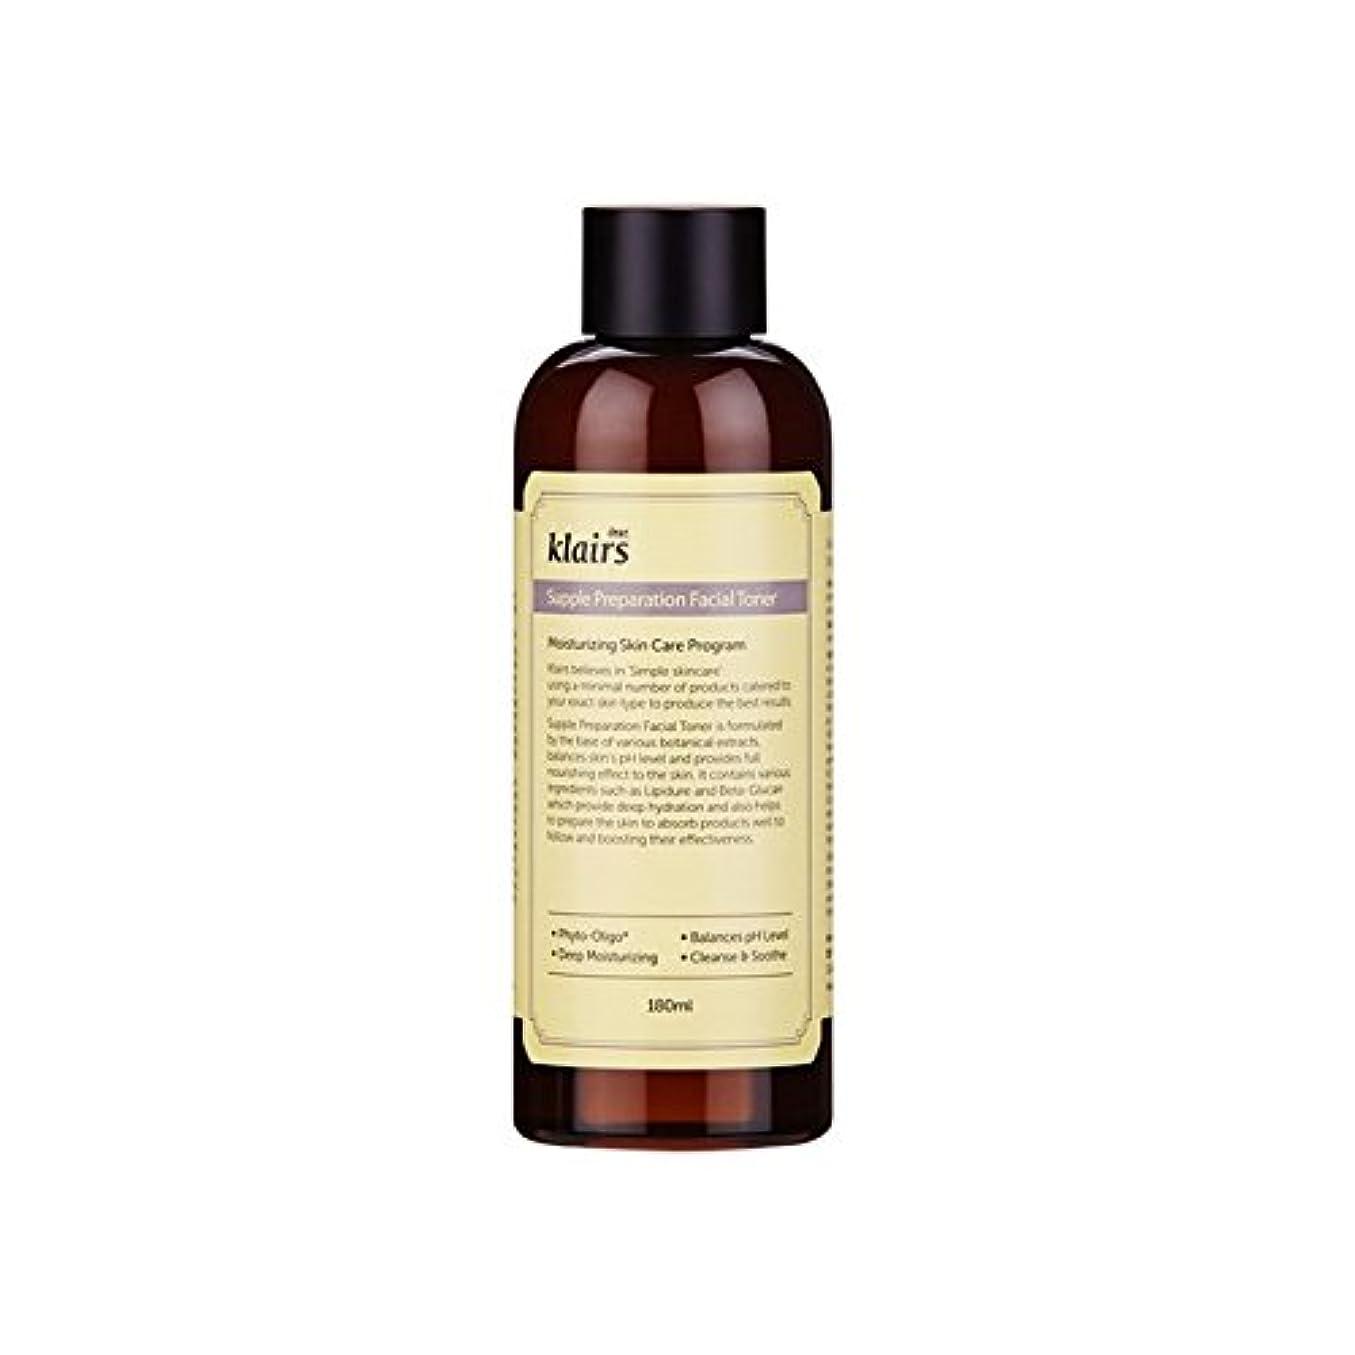 ファーザーファージュ寄付する浴KLAIRS Supple Preparationフェイシャルトナー180 ml(KLAIRS Supple Preparation Facial Toner 180 ml) [並行輸入品]